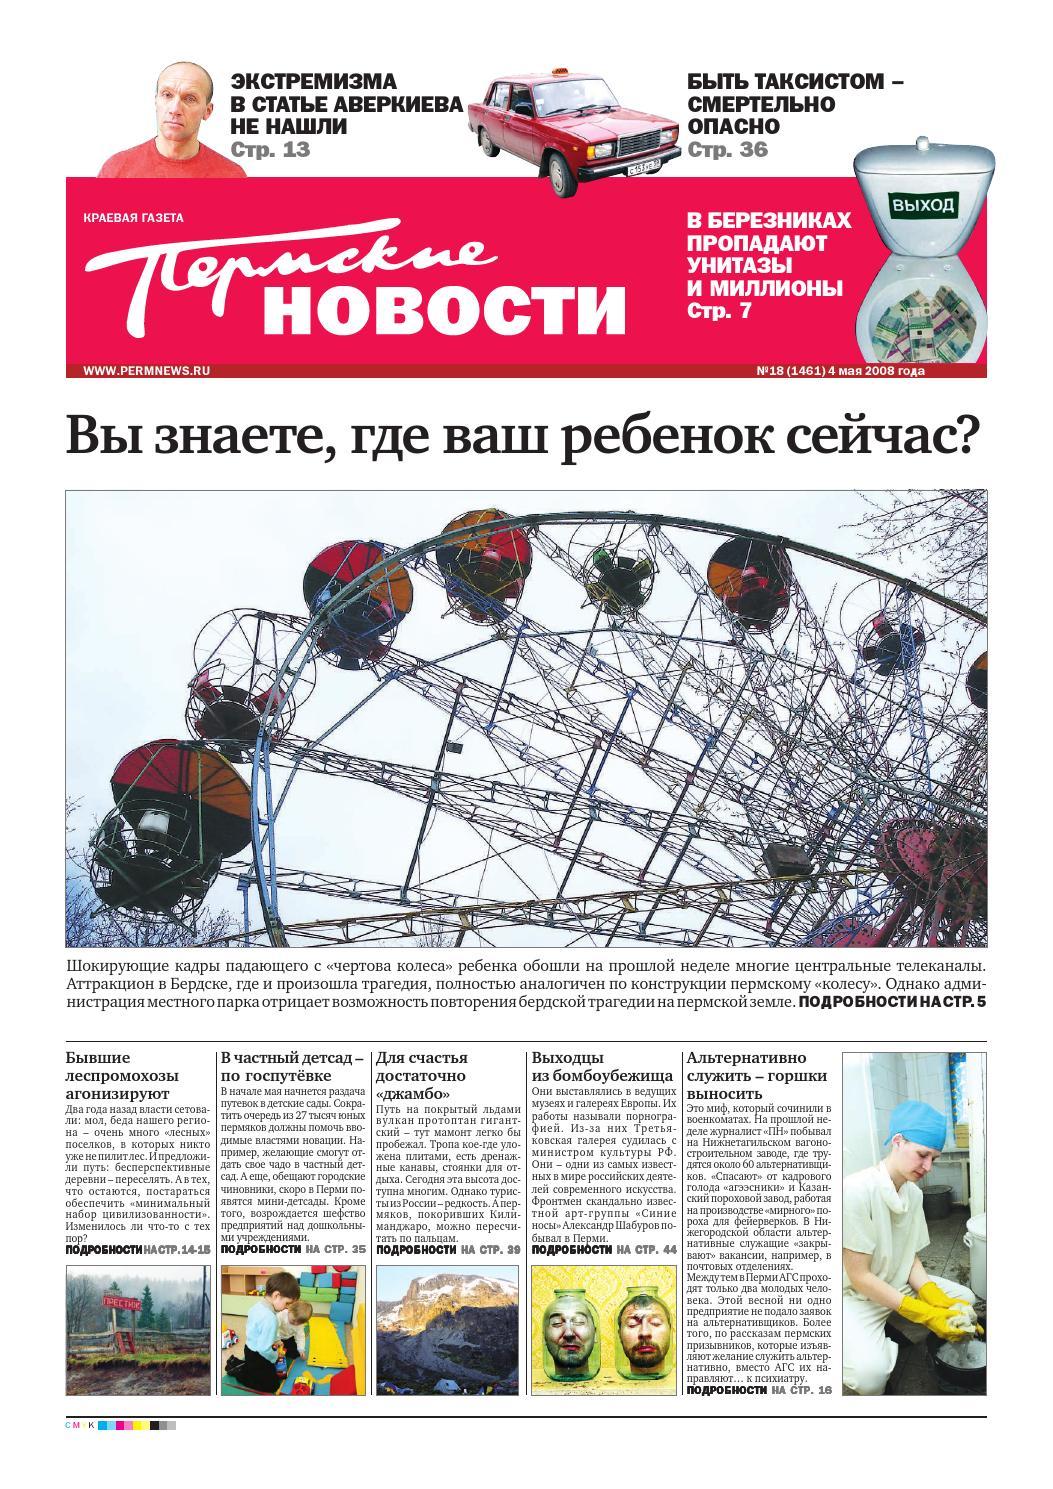 Игровое казино вулкан Березово загрузить Играть в вулкан Советская Гавань загрузить